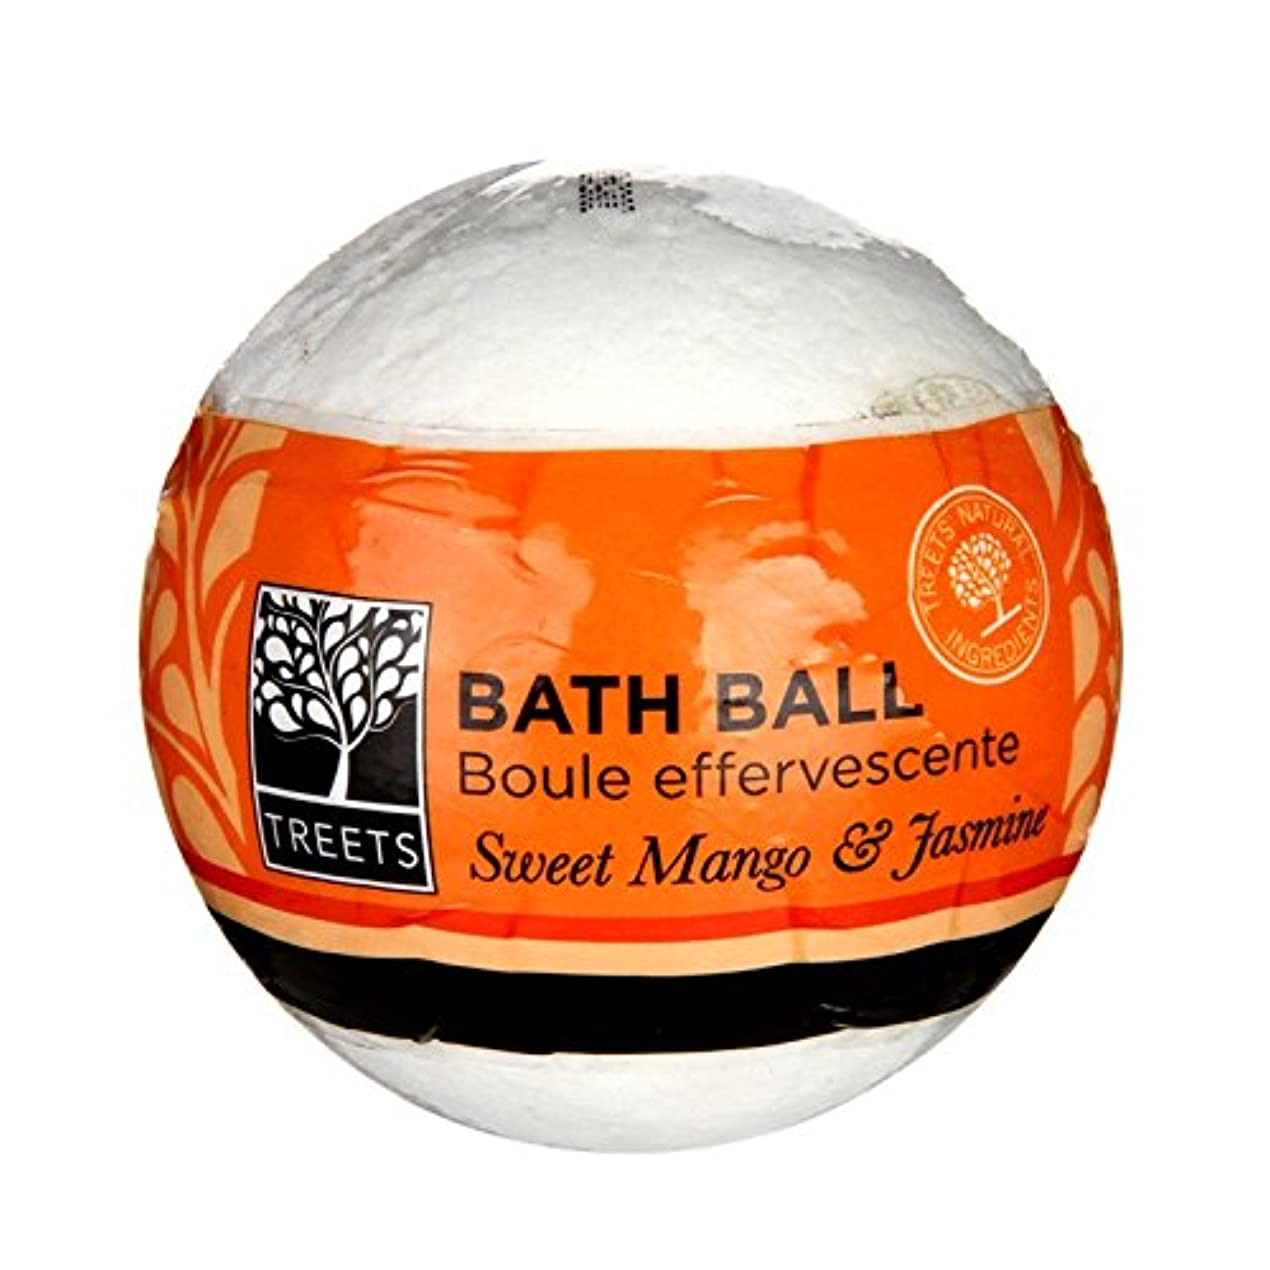 慣性シットコムパレードTreets Sweet Mango and Jasmine Bath Ball (Pack of 6) - Treets甘いマンゴーとジャスミンバスボール (x6) [並行輸入品]